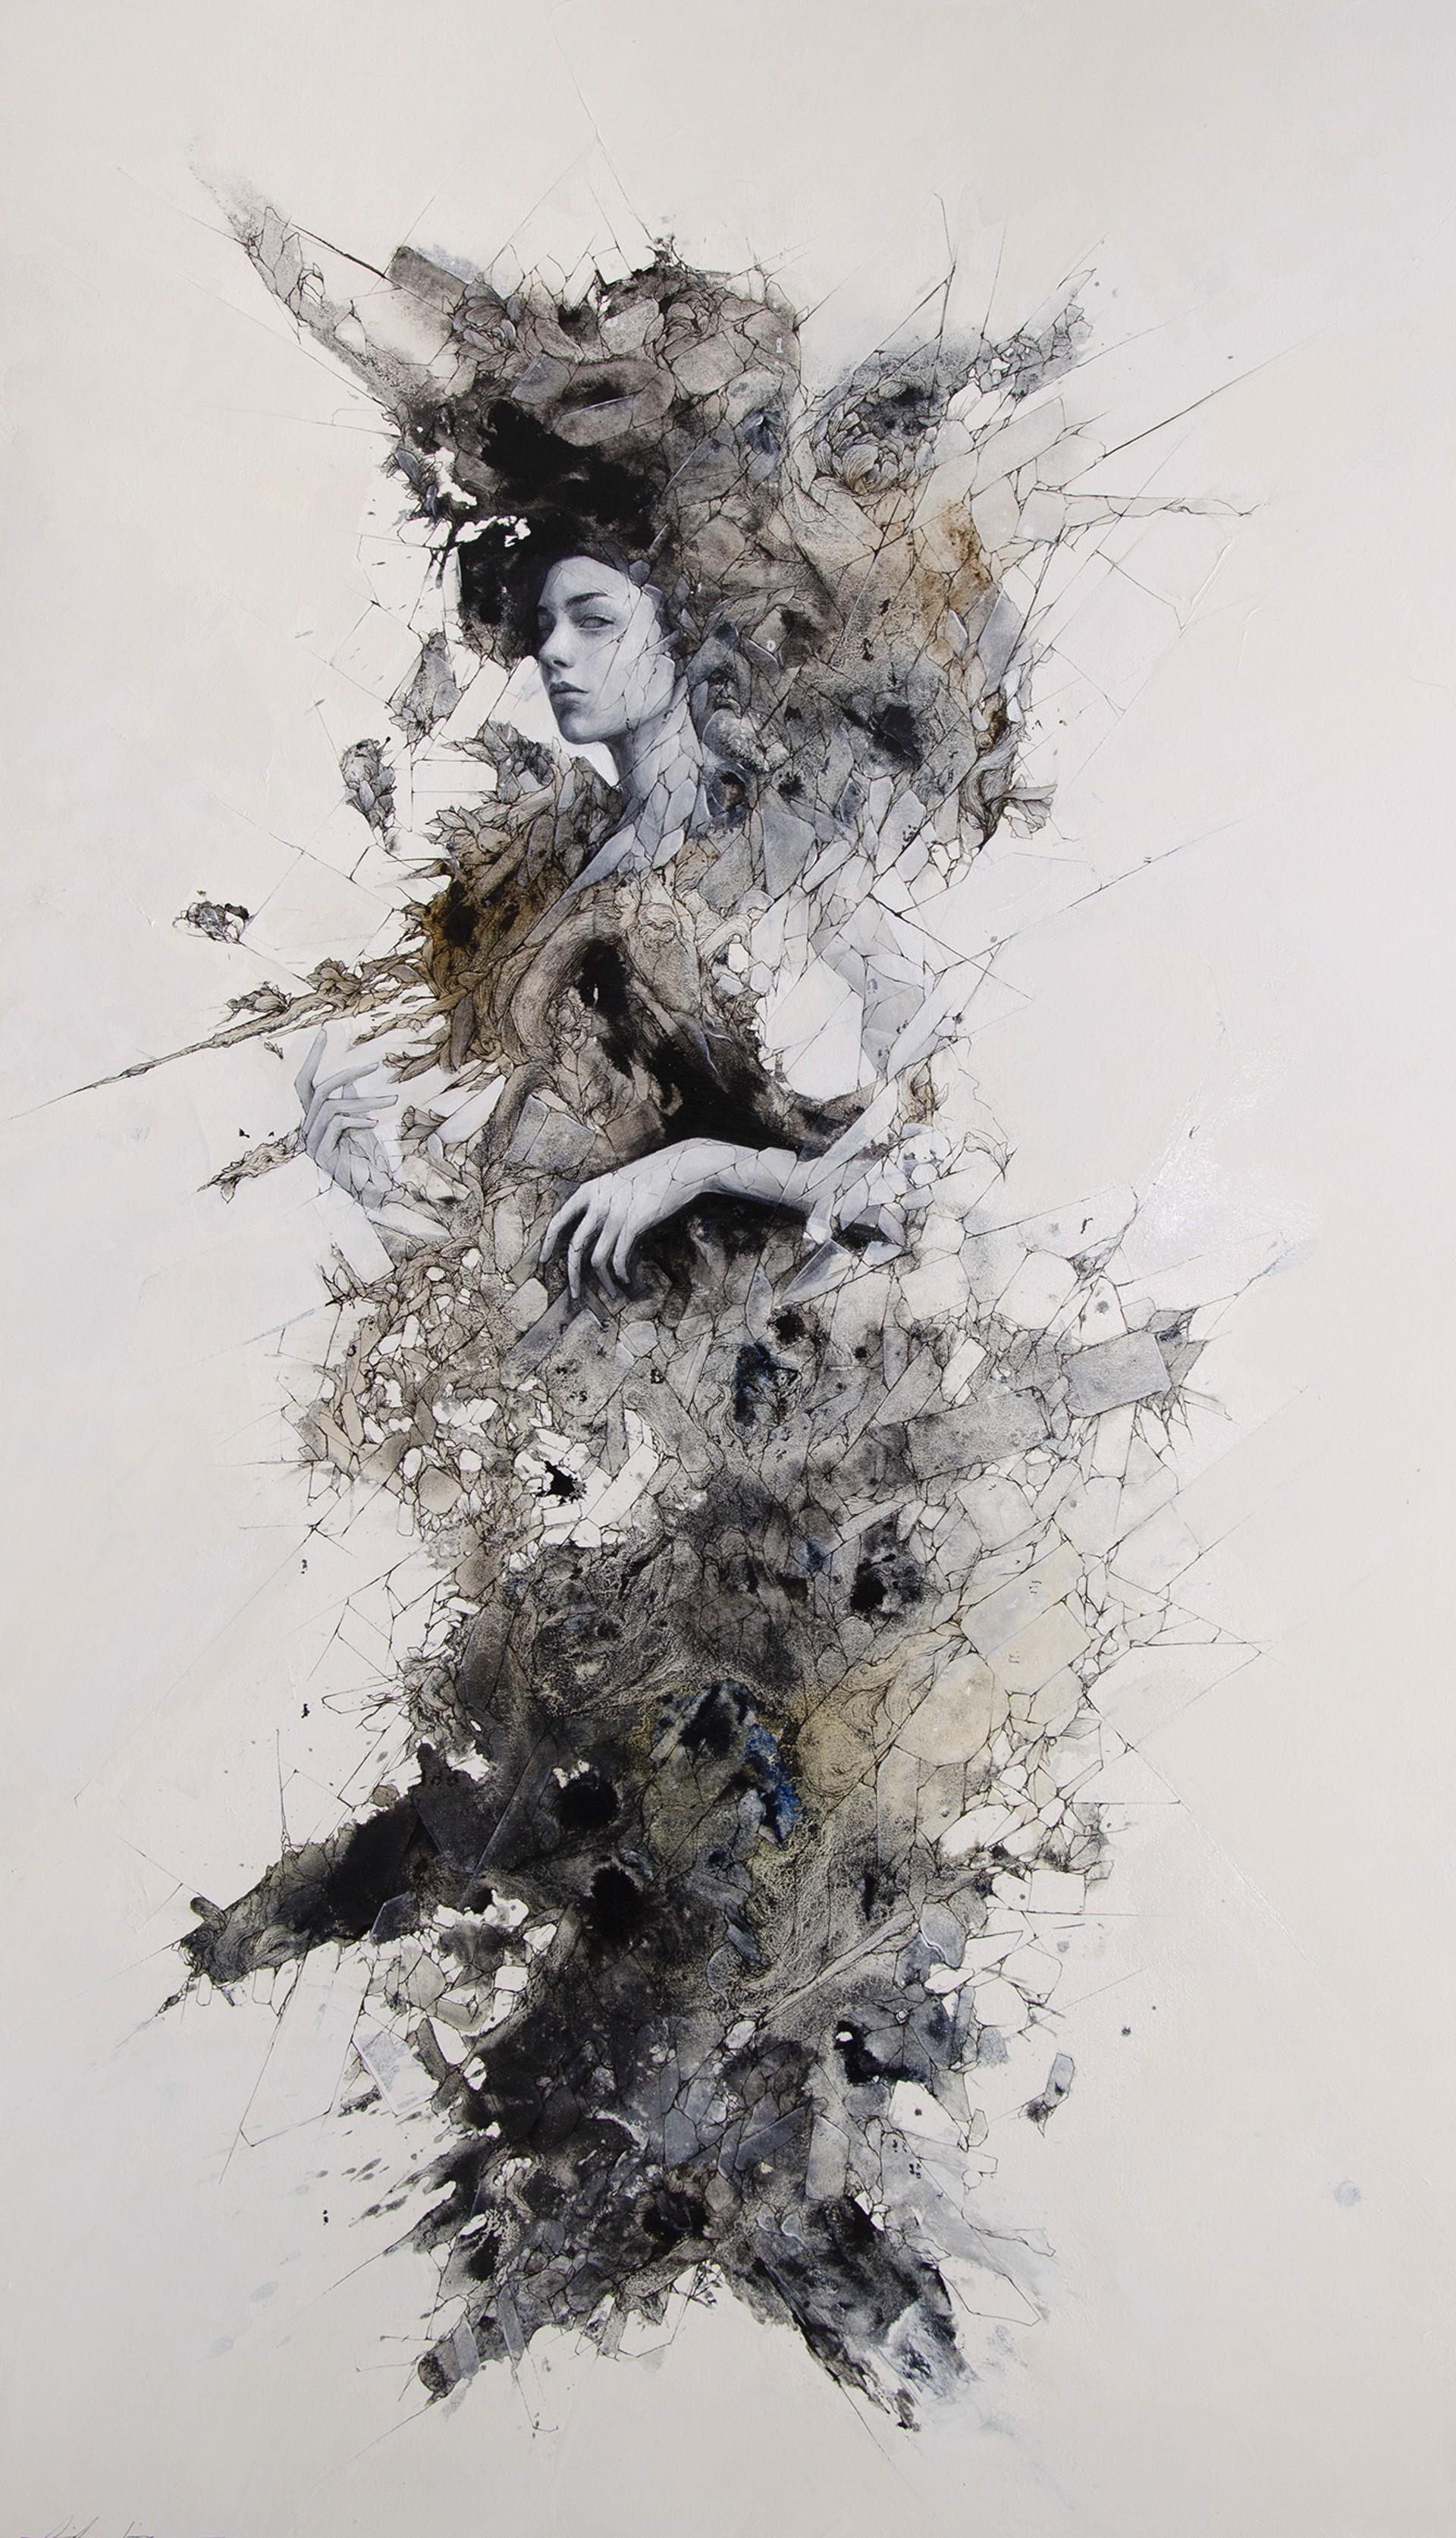 Divination 8 by Aiden Kringen